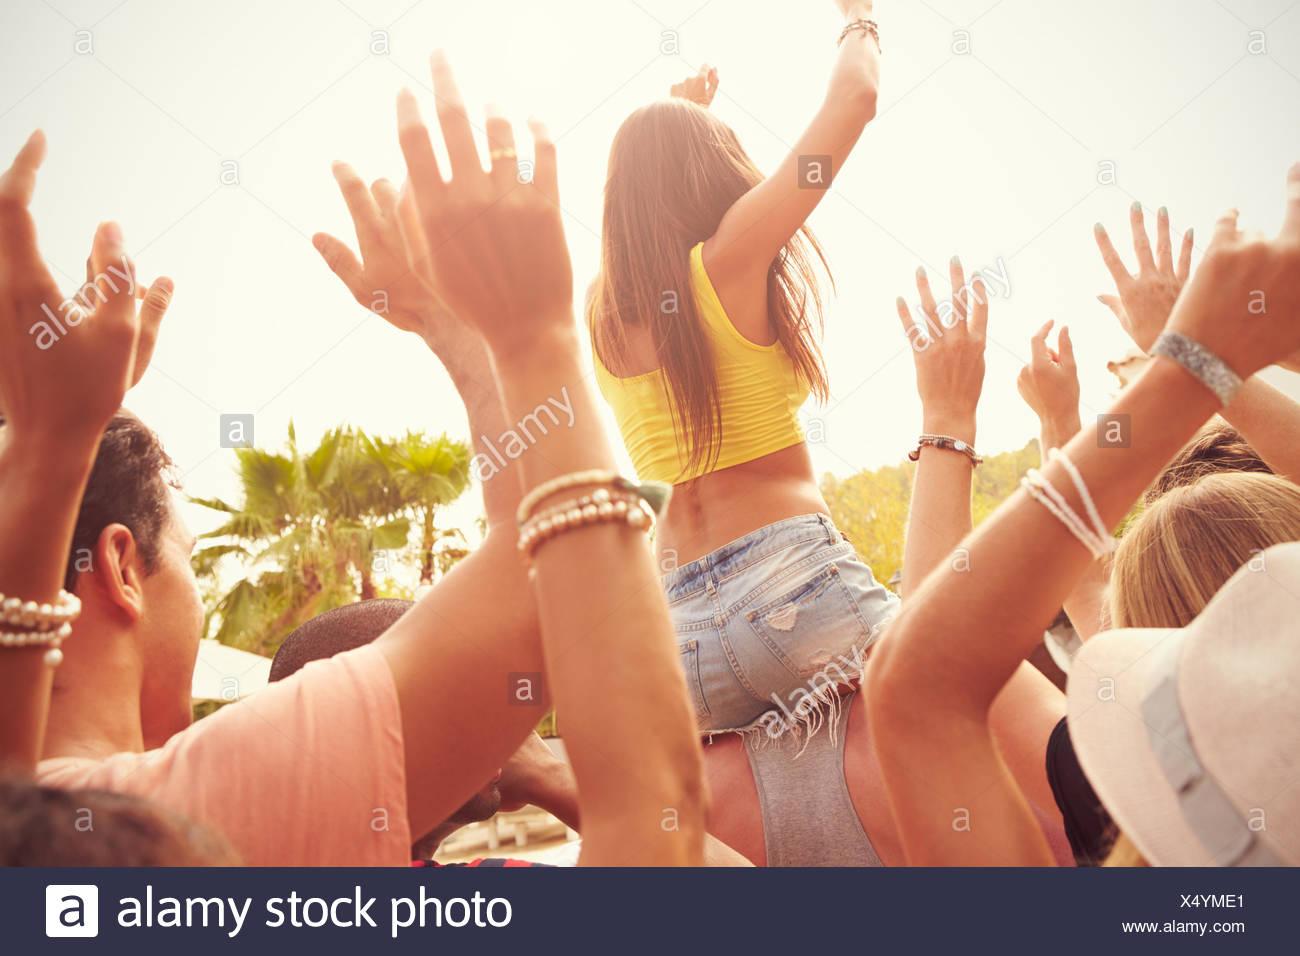 Grupo de Jóvenes disfrutando del Festival de música al aire libre Imagen De Stock